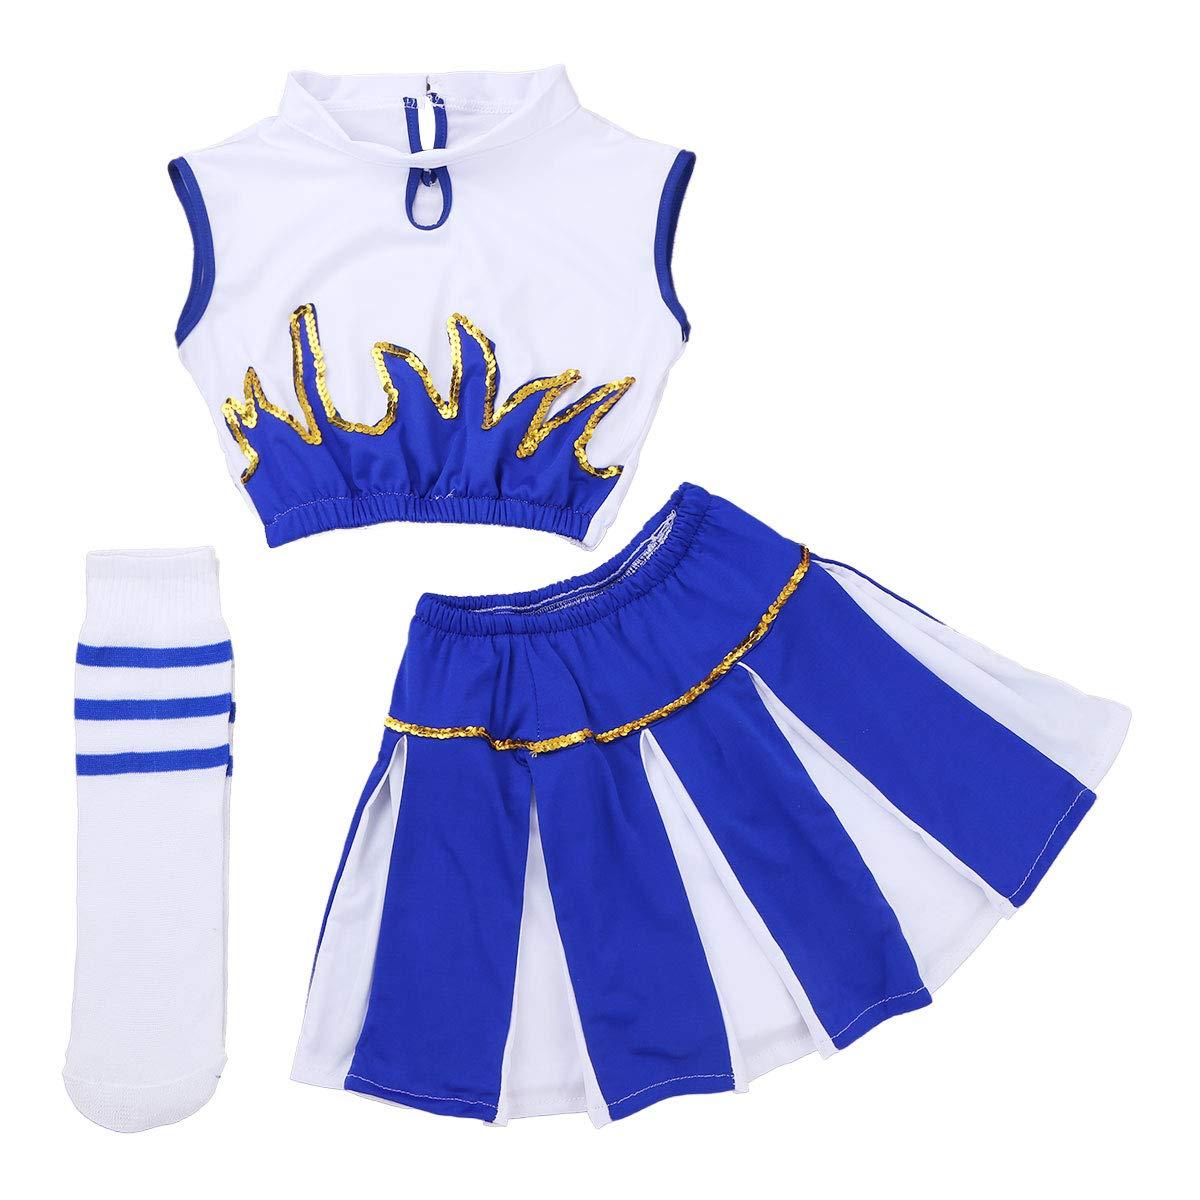 MSemis Uniforme de Animadora para Niña 5-14 Años Disfraz de Cheerleading  3Pcs Chaleco Pantalones Calcetines Danza Actuación  Amazon.es  Ropa y  accesorios f1b96a08f3c94